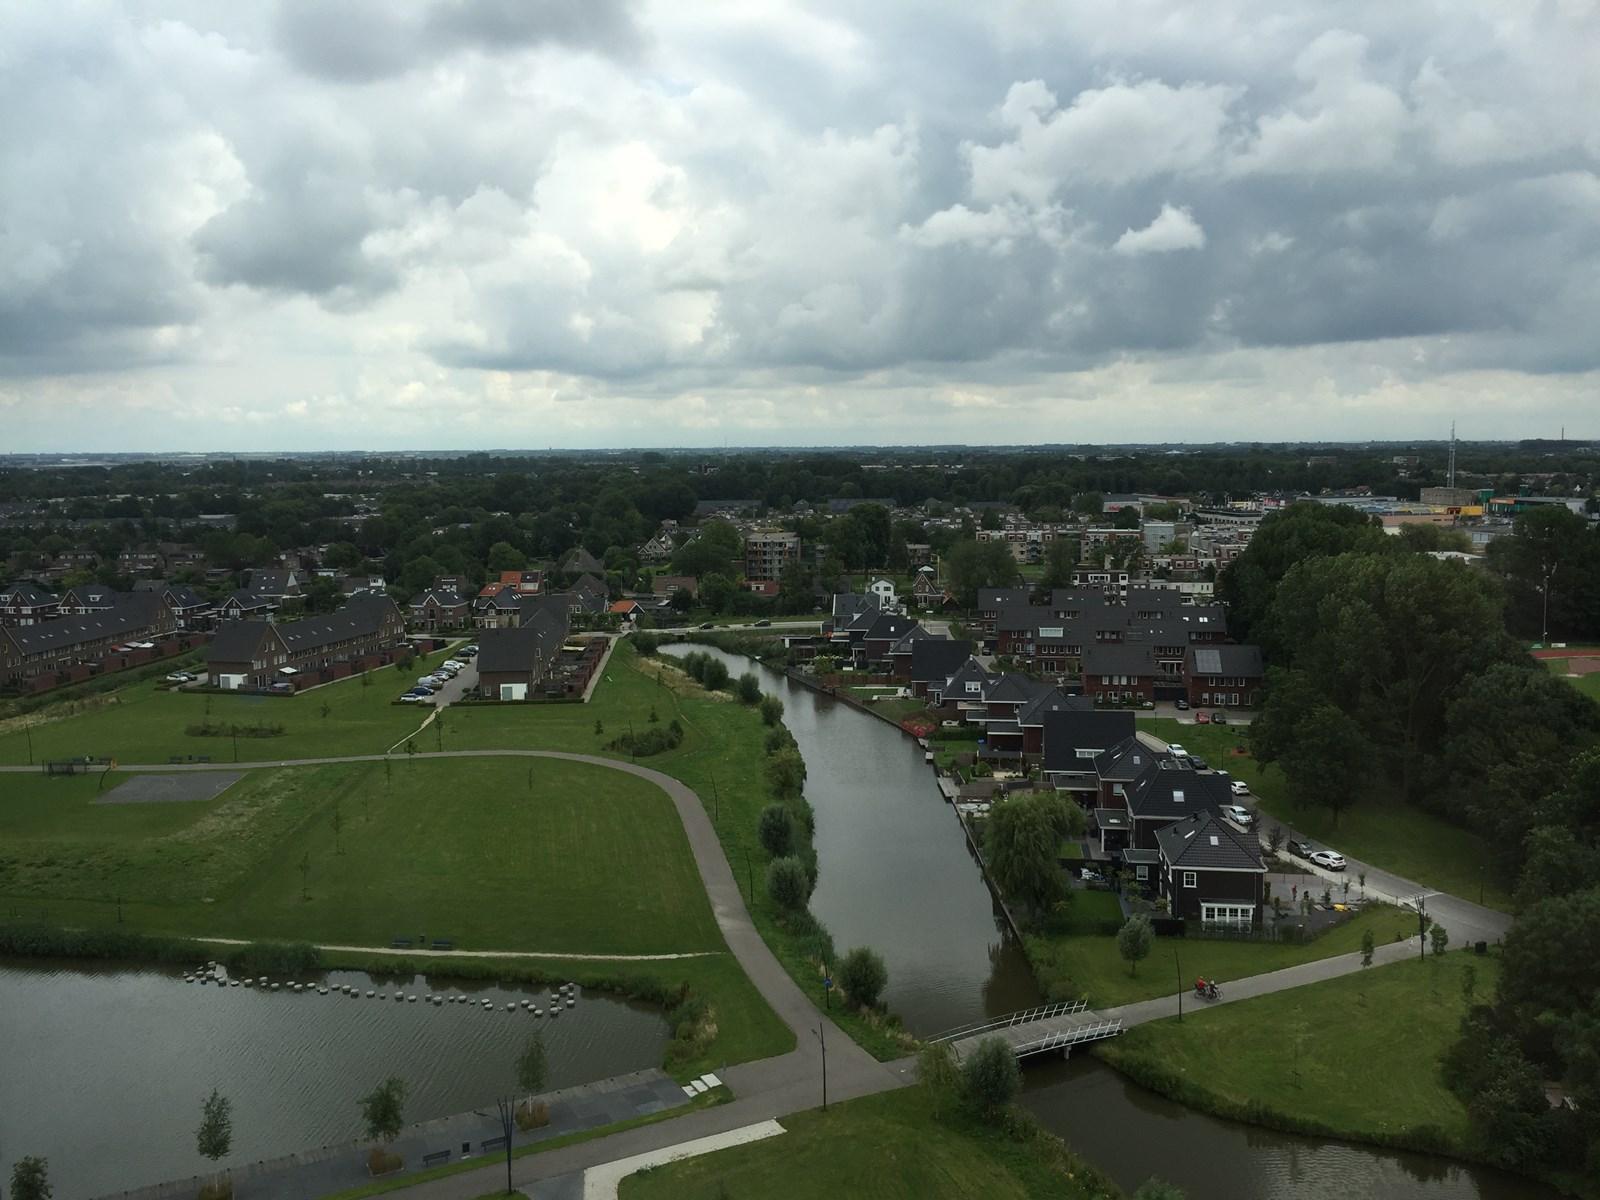 Foto 39 s met uitzicht op hoorn vanaf de 14e verdieping van der valk hotel hoorngids de - Uitzicht op de tuinman ...